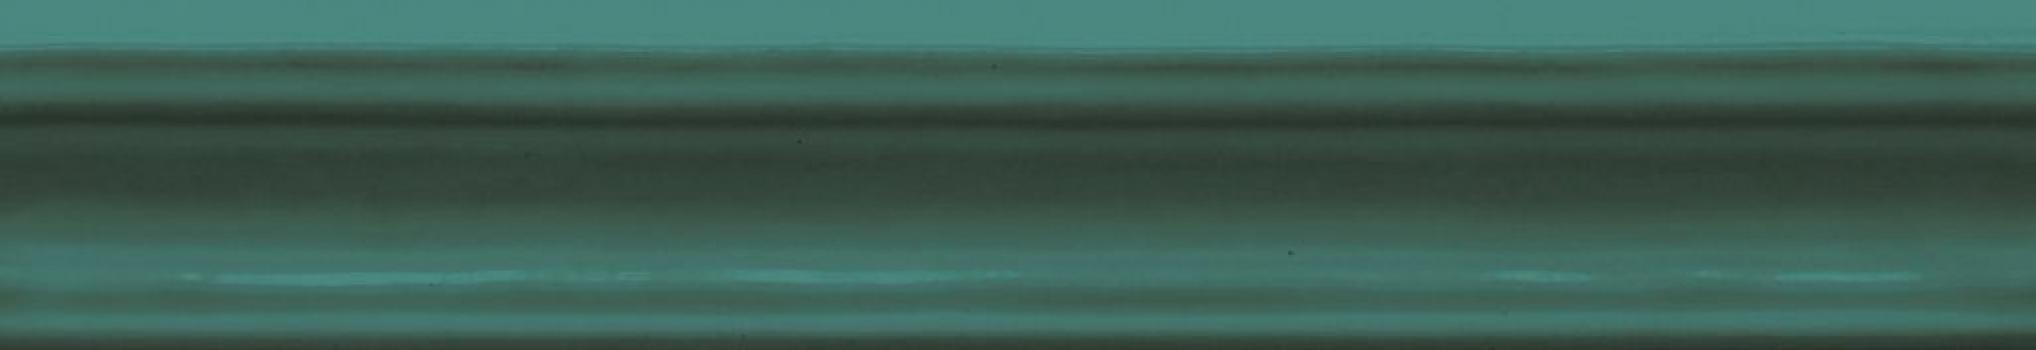 opal moldura emerald 30*5 CIFRE